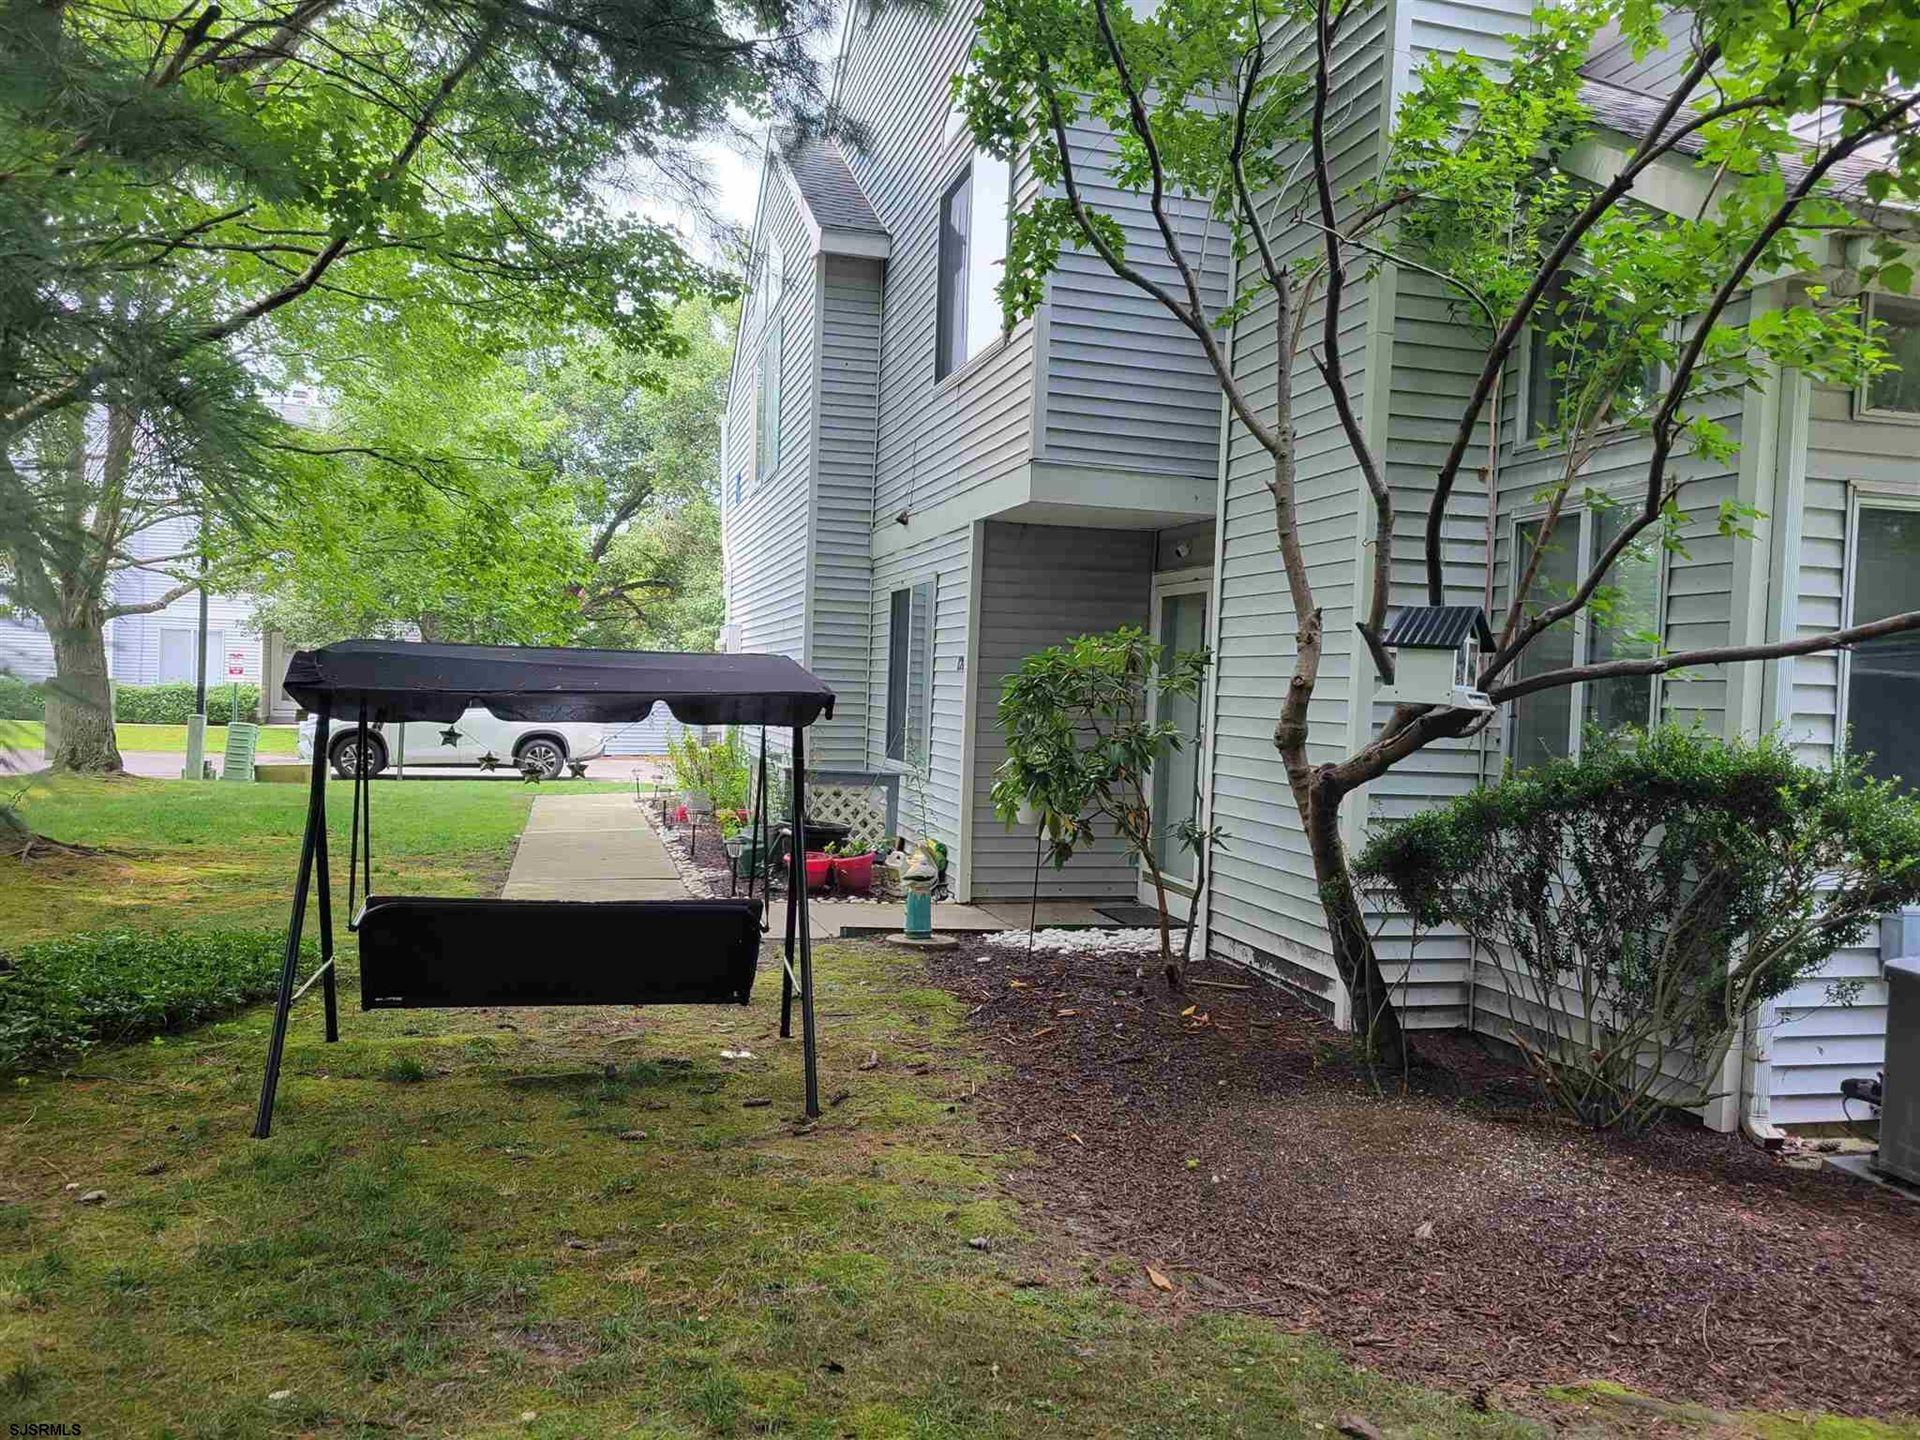 128 Heather Croft Ave, Egg Harbor, NJ 08234-4619 - #: 553366